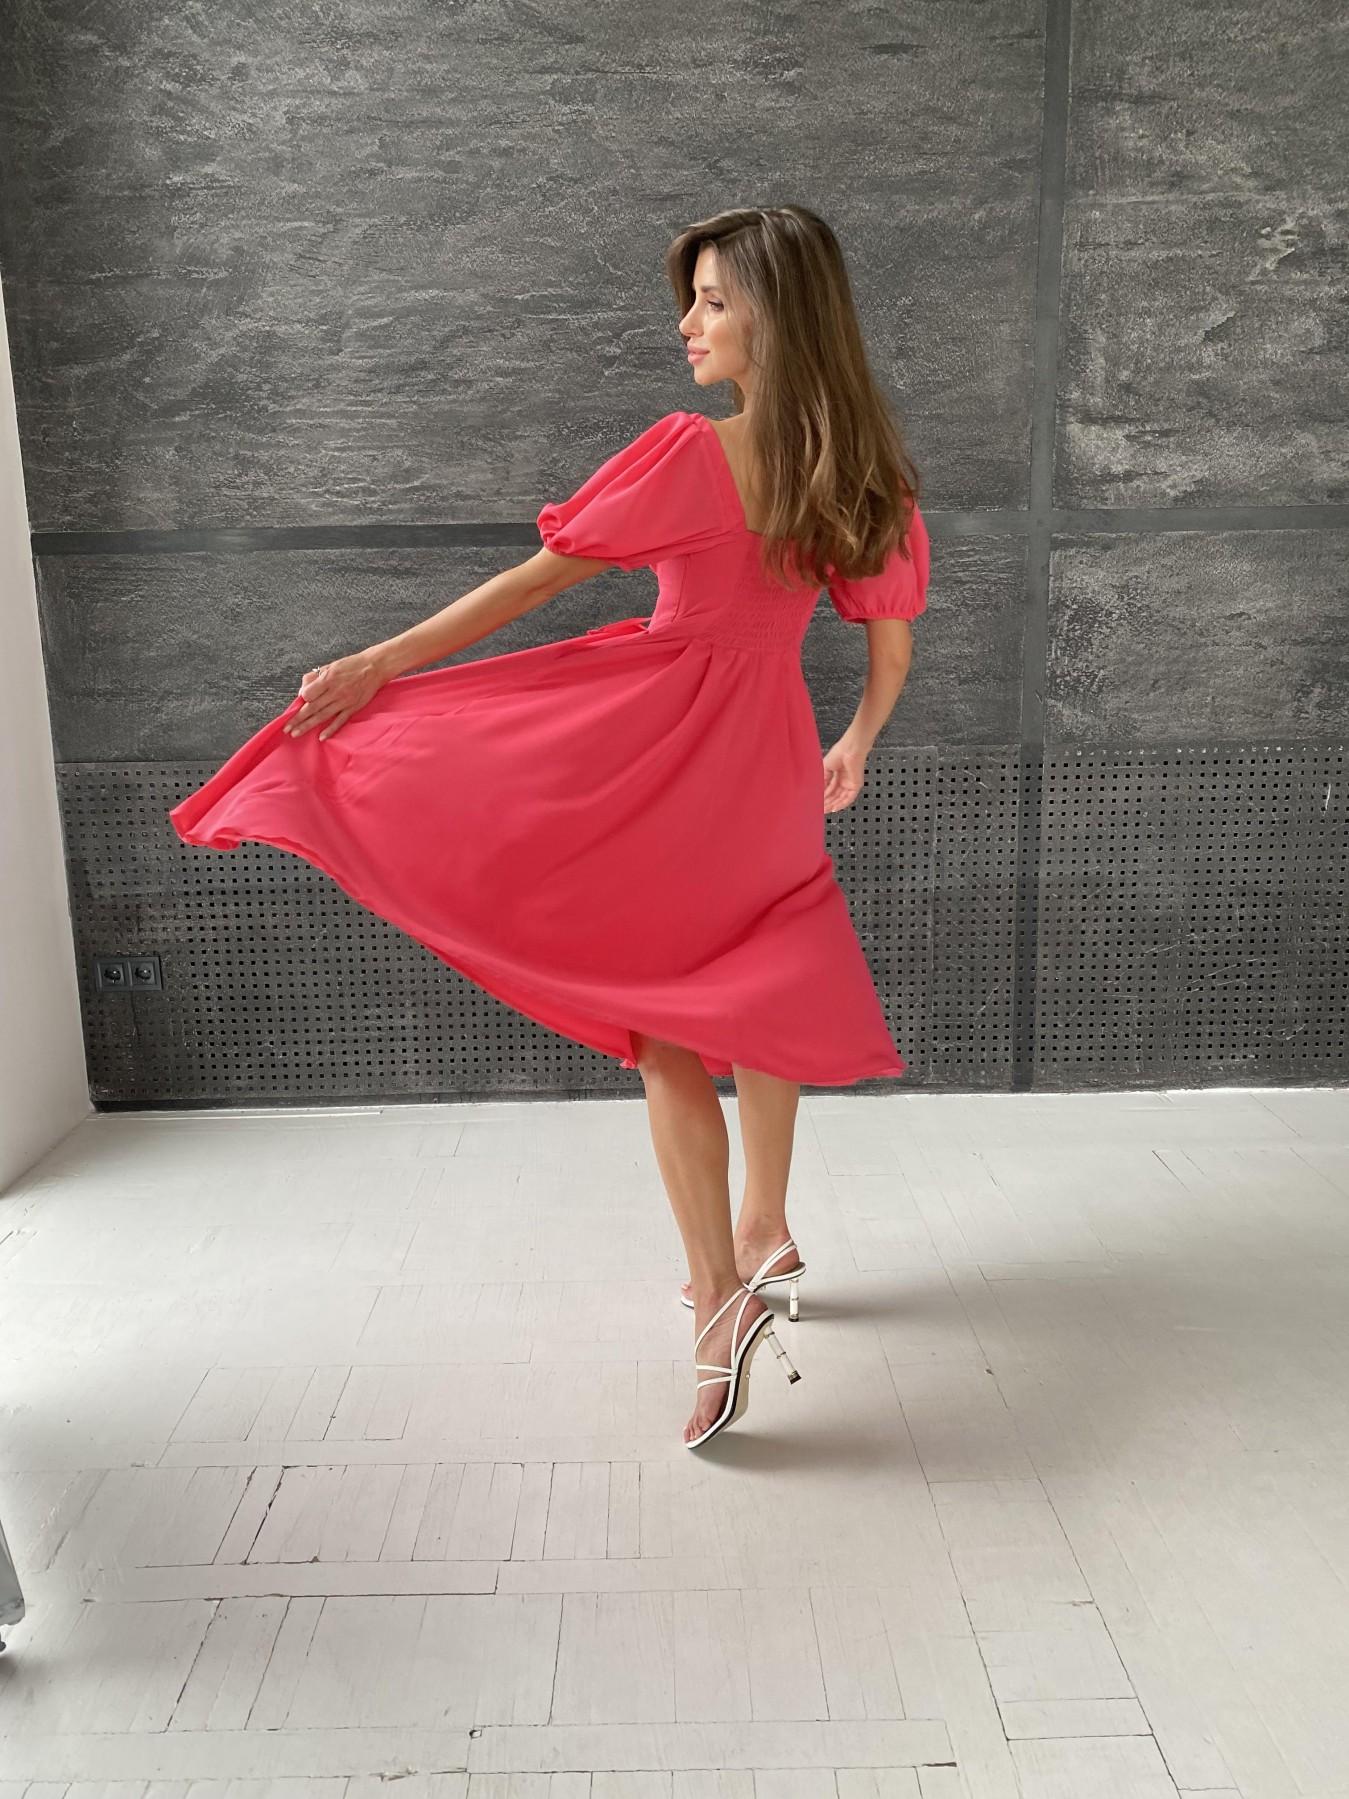 Кисес Миди платье из шифона креп 11443 АРТ. 48313 Цвет: Бежевый Темный - фото 7, интернет магазин tm-modus.ru